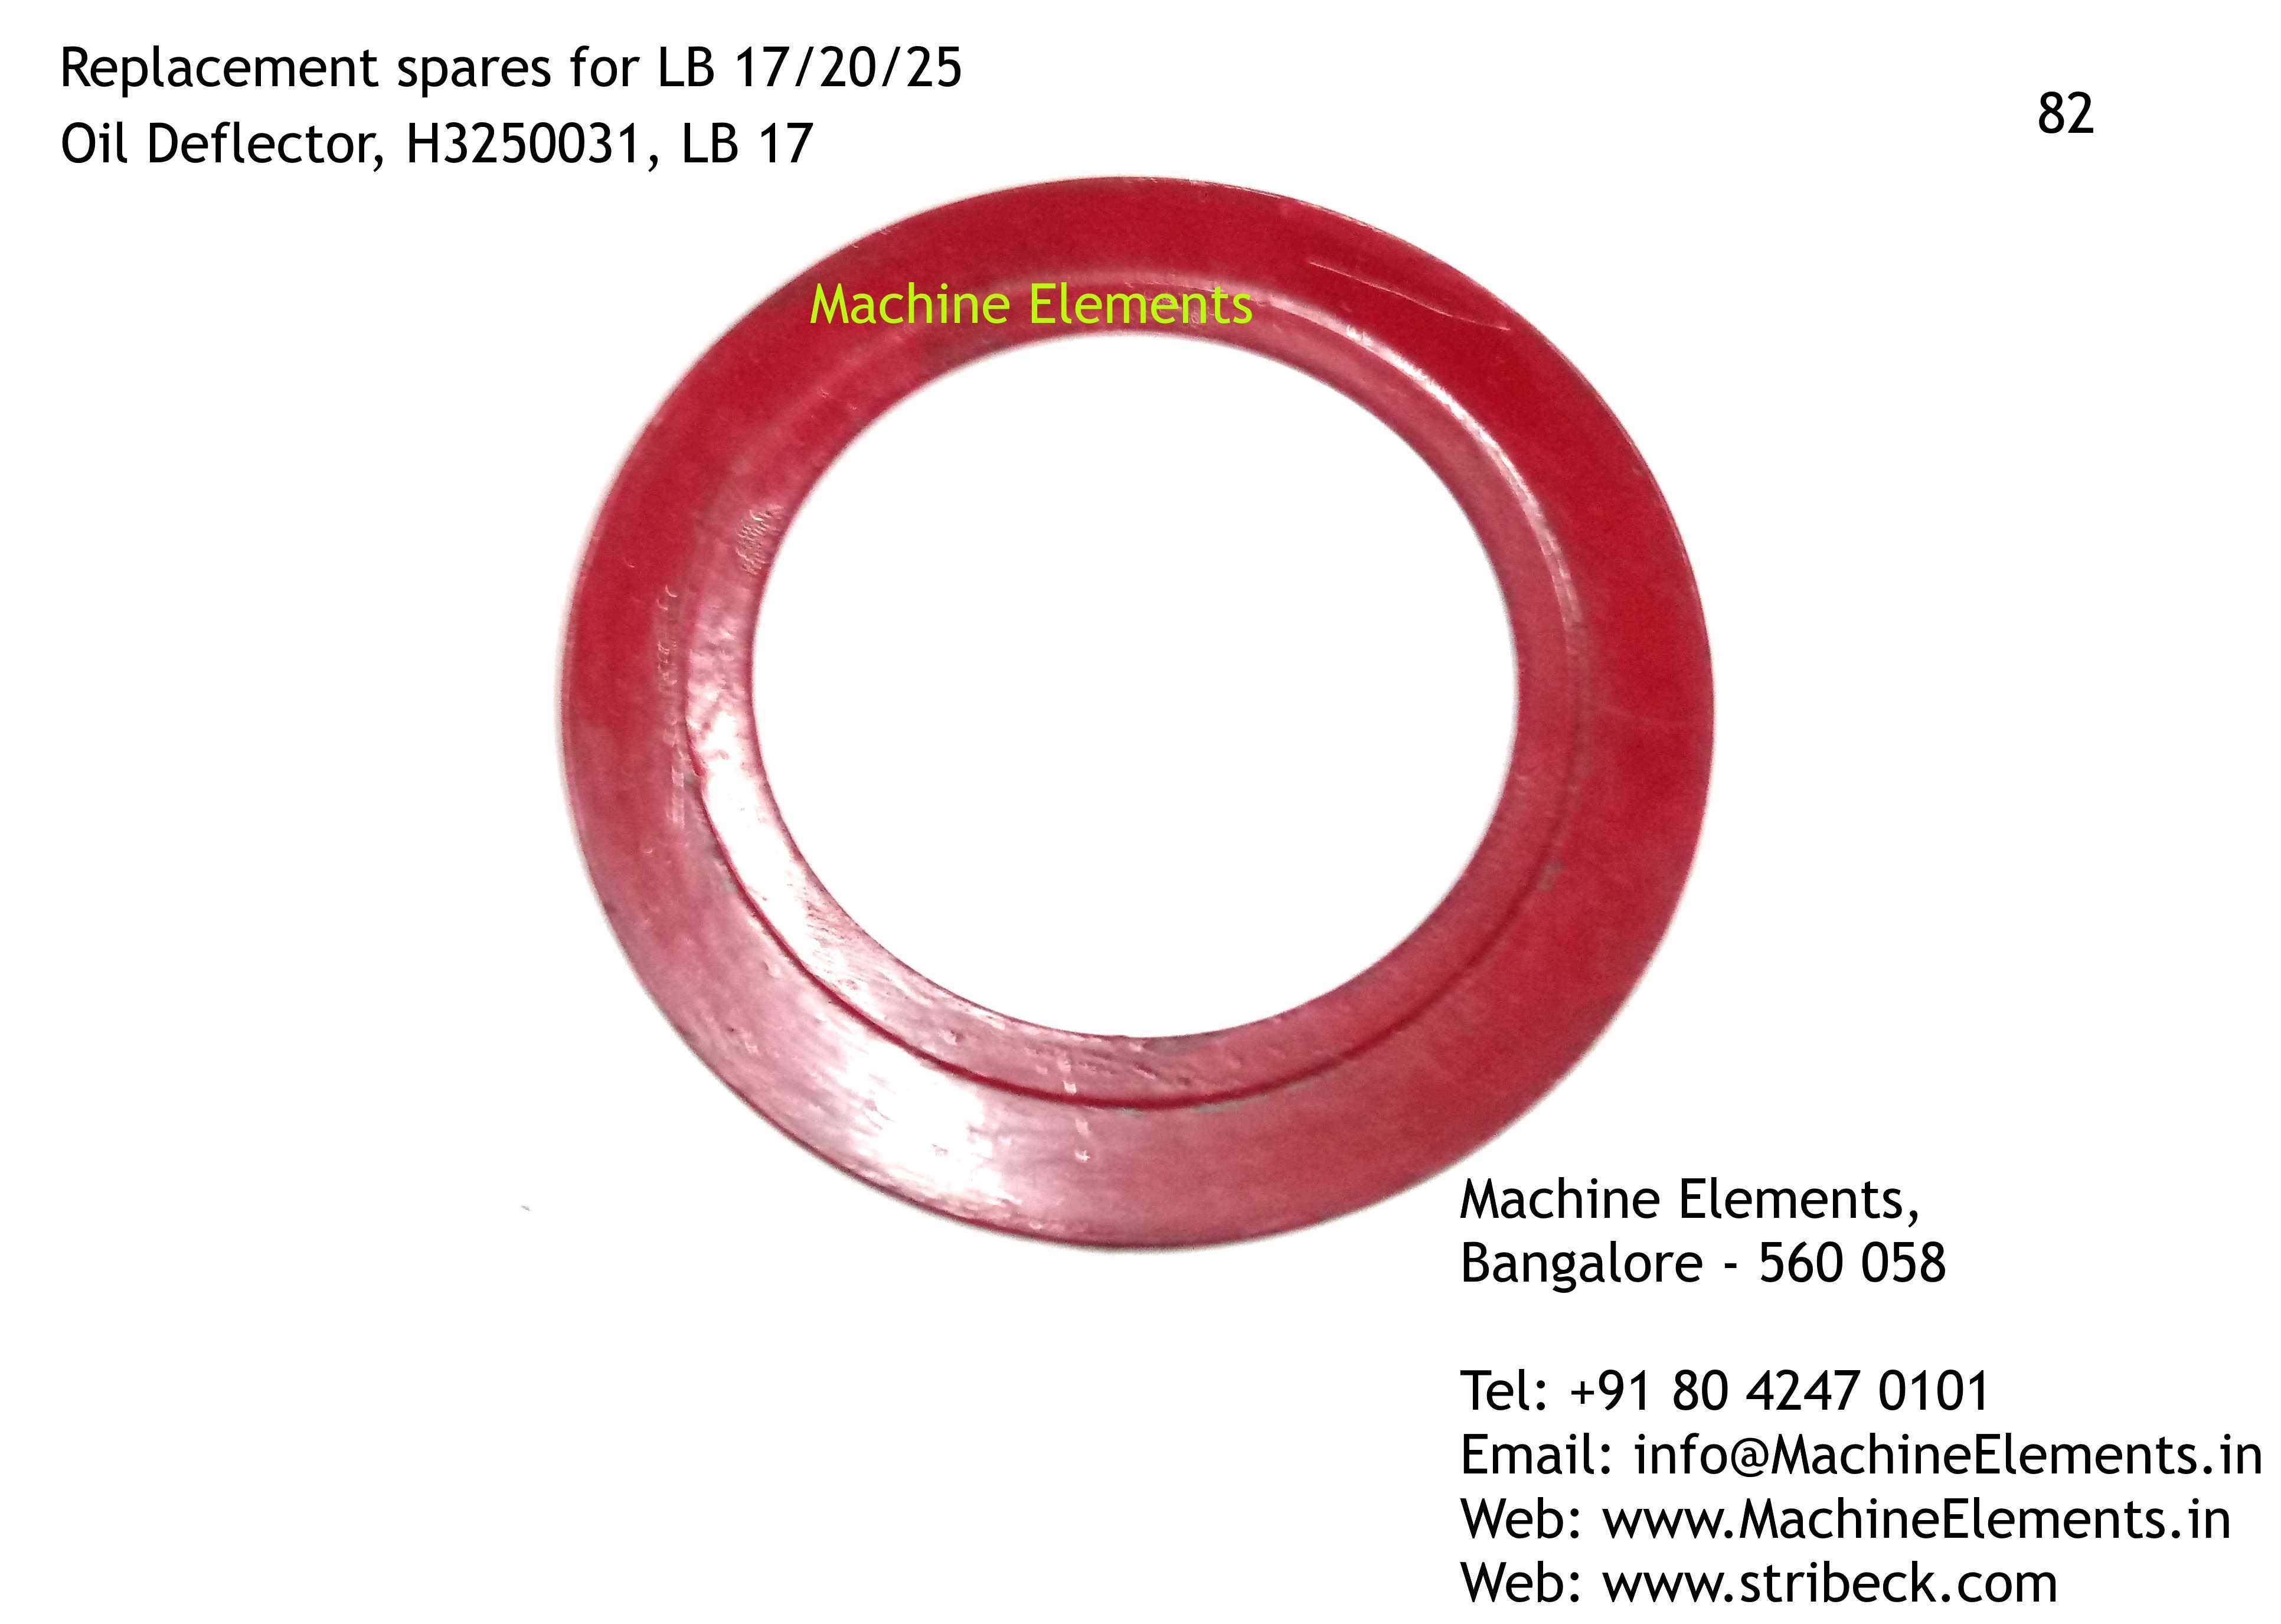 H3250031, Oil Deflector, LB 17